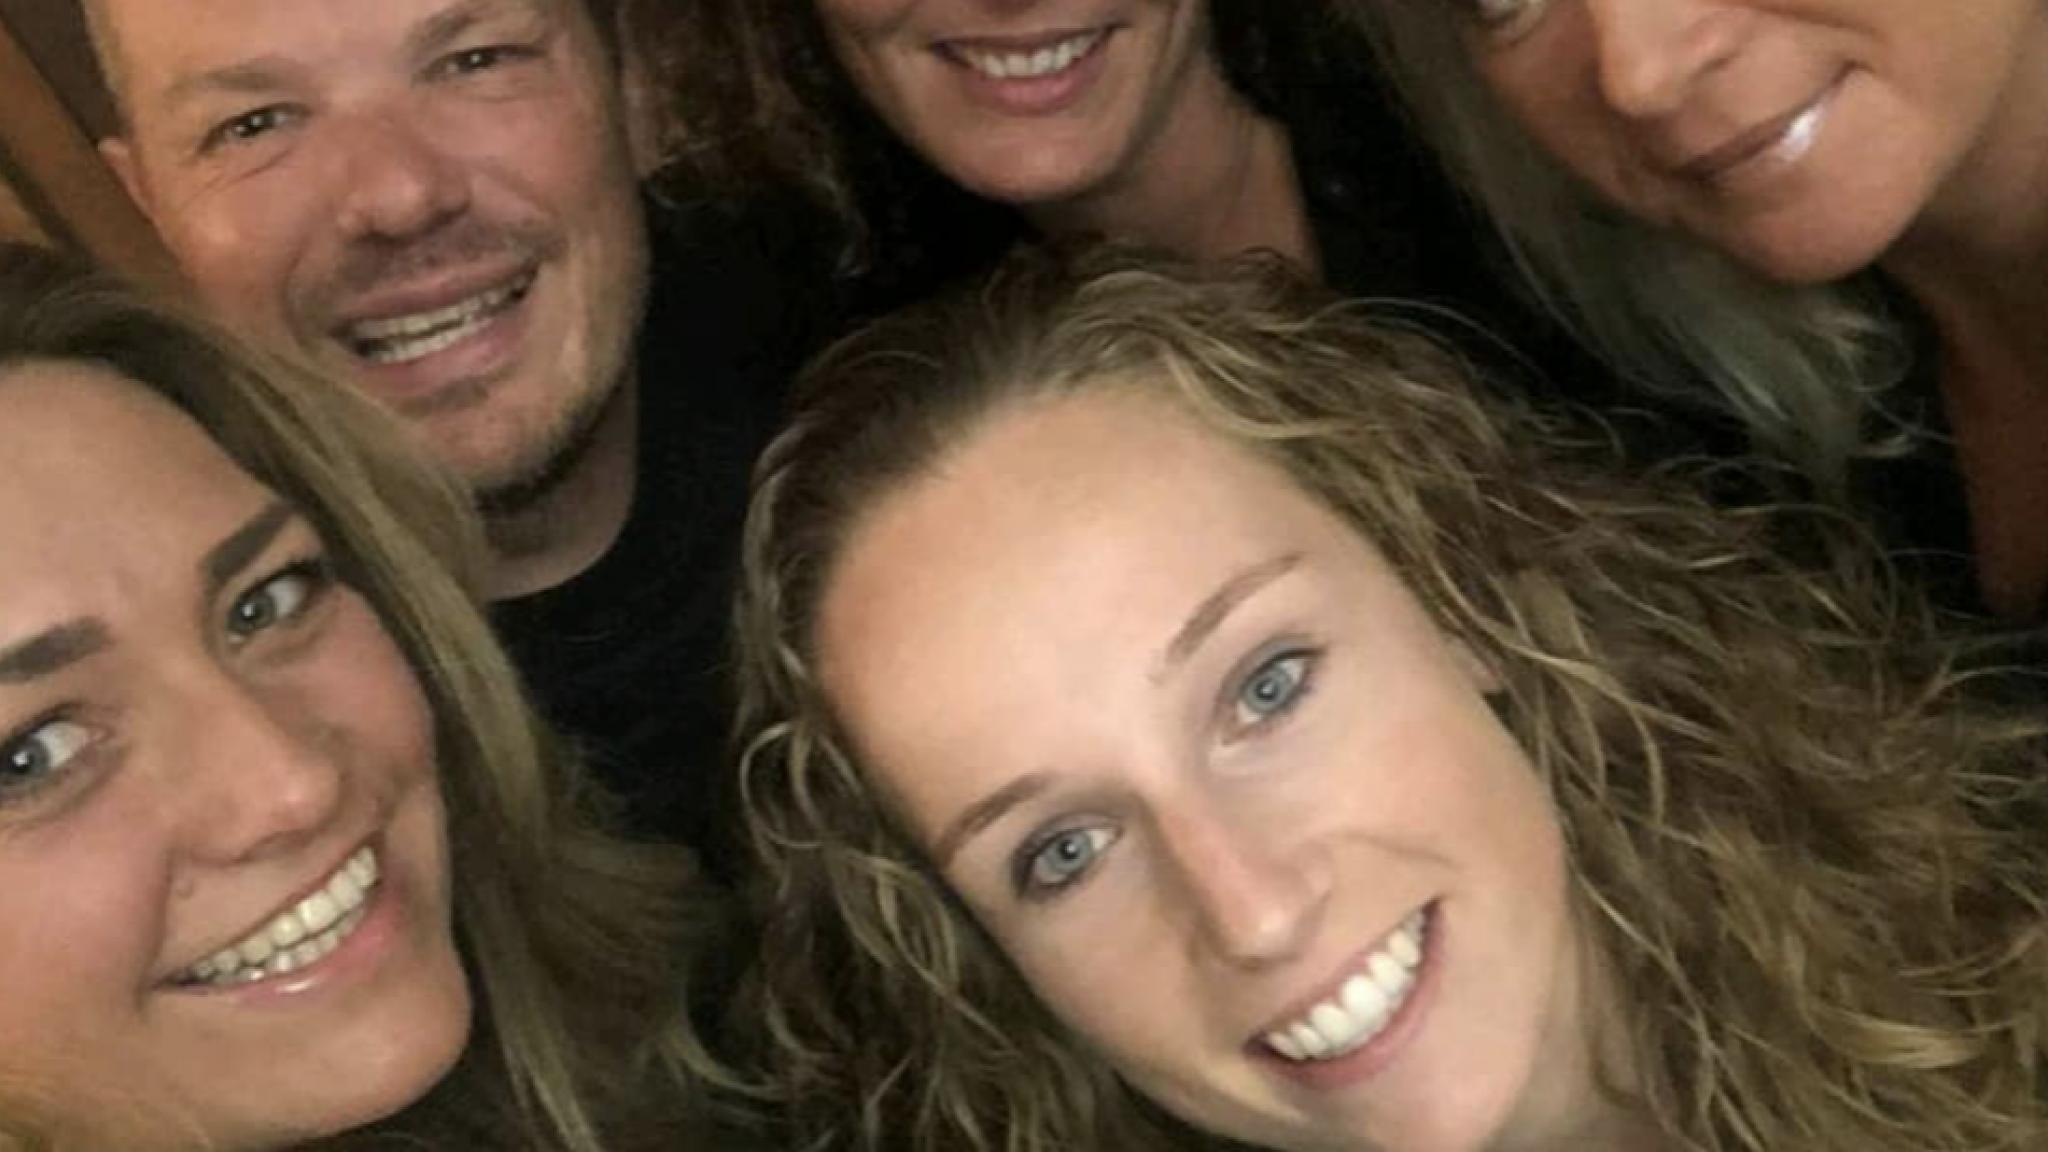 Lizzy uit MAFS laat zich uit over 'veelbesproken' koppelsweekend - RTL Nieuws